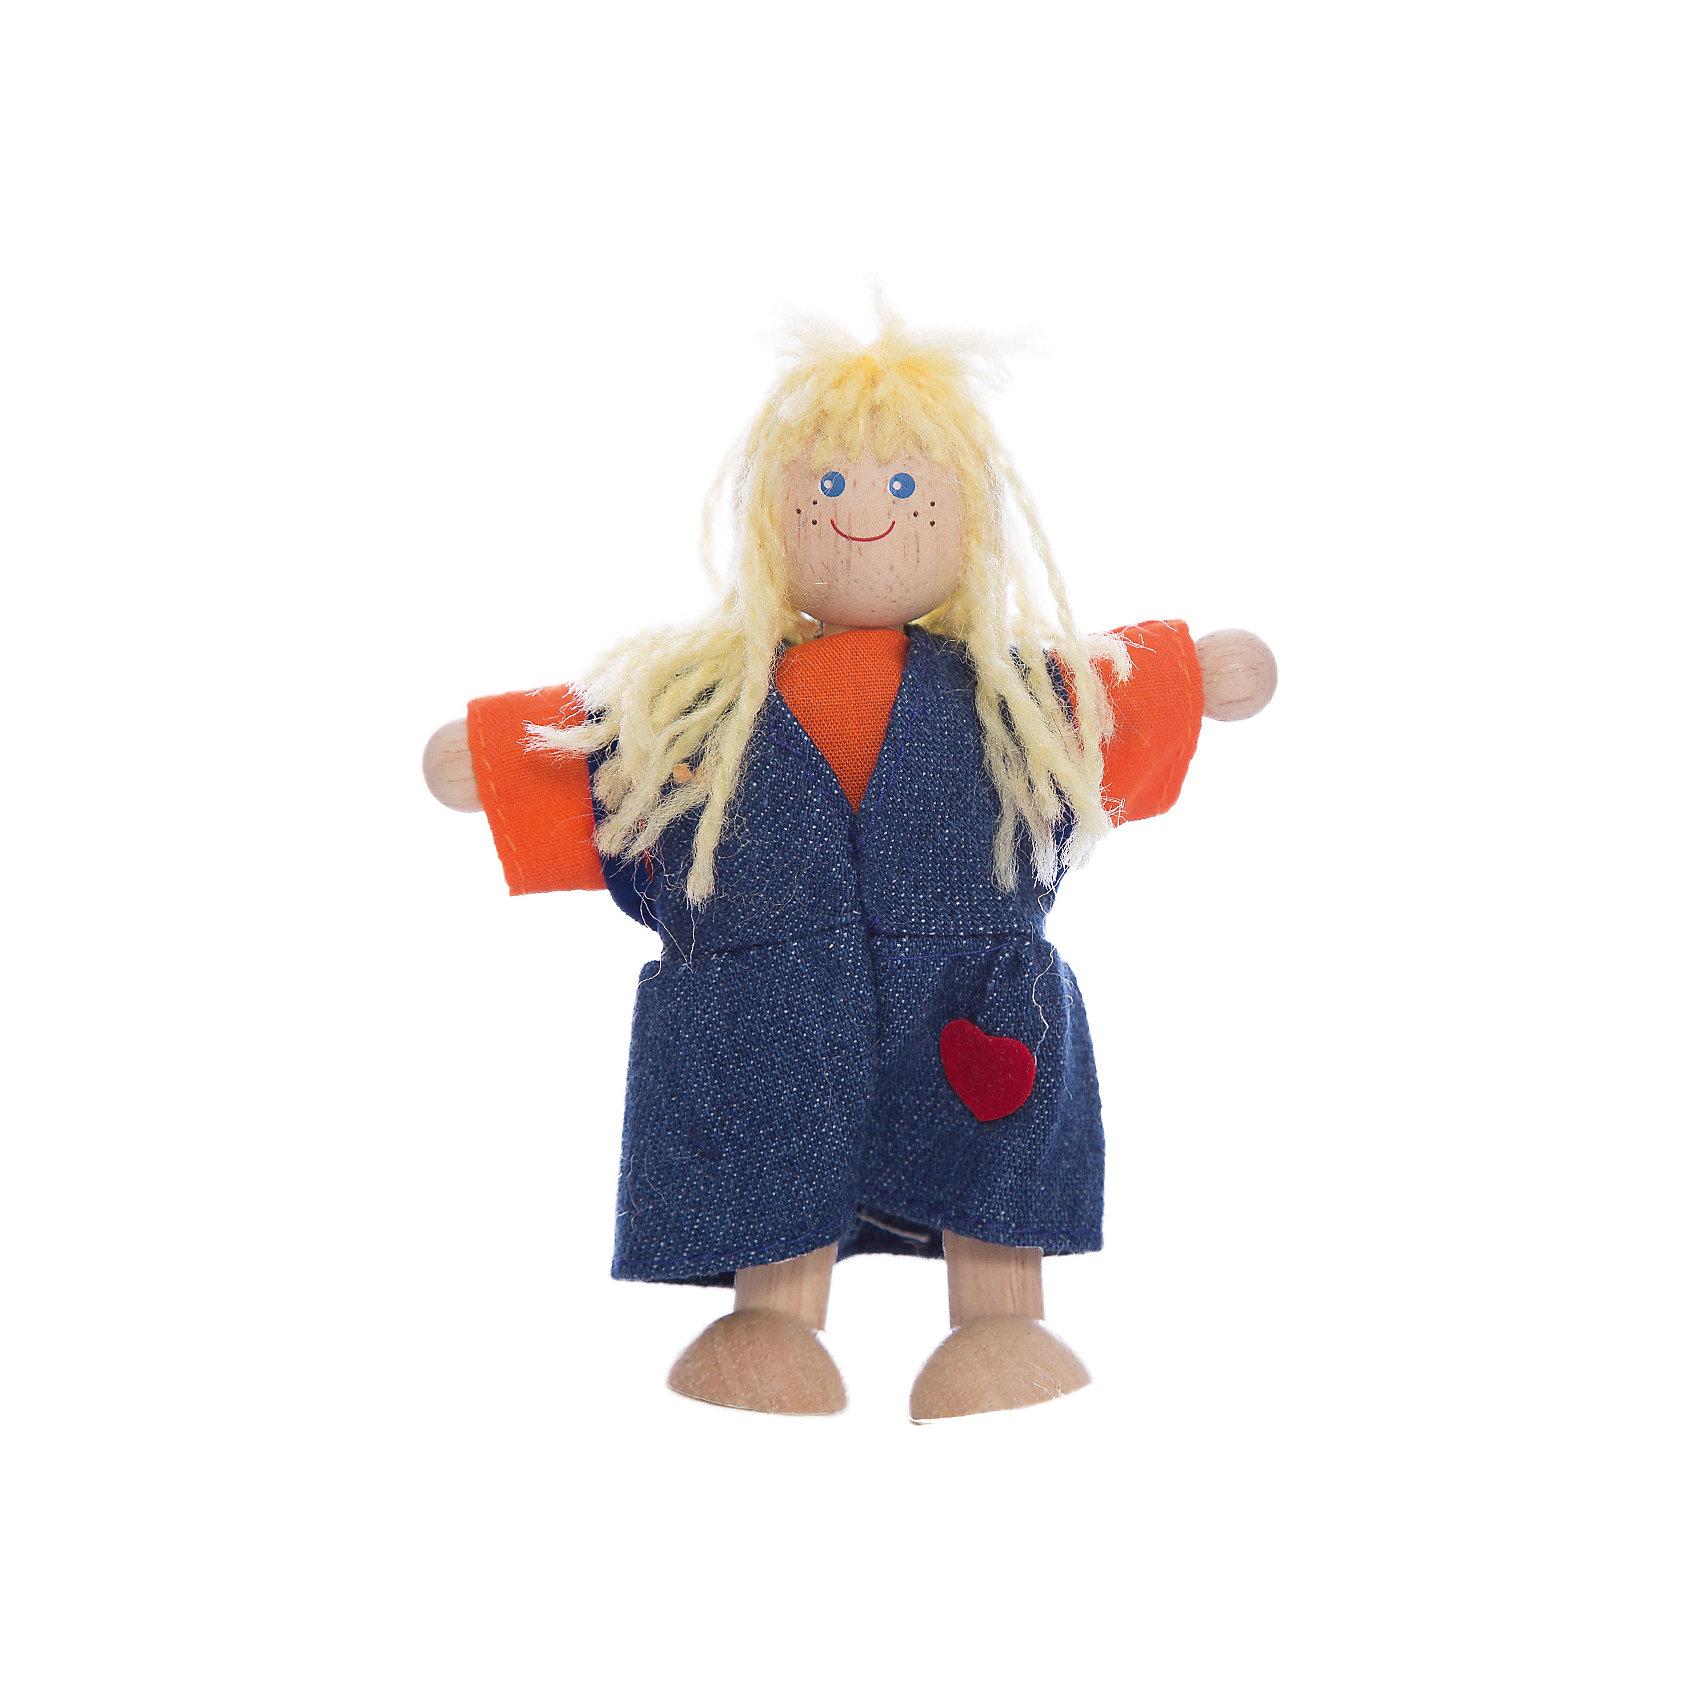 PLAN TOYS 7406 ДевочкаДевочка в джинсовом сарафане. <br><br>У этой девочки длинные волнистые волосы, а руки и ноги крепятся с помощью проволки к телу, поэтому она может принимать различные позы.<br><br>Все игрушки выполнены из каучукового дерева с использованием нетоксичных красок и специально изготавливаются с закругленными краями, чтобы избежать вероятности травмирования.<br><br>Дополнительная информация:<br><br>Размер: 5 х 3 х 10 см.<br>Материал: каучуковое дерево, натуральный хлопок.<br><br>Ширина мм: 43<br>Глубина мм: 140<br>Высота мм: 63<br>Вес г: 180<br>Возраст от месяцев: 36<br>Возраст до месяцев: 72<br>Пол: Женский<br>Возраст: Детский<br>SKU: 2175341